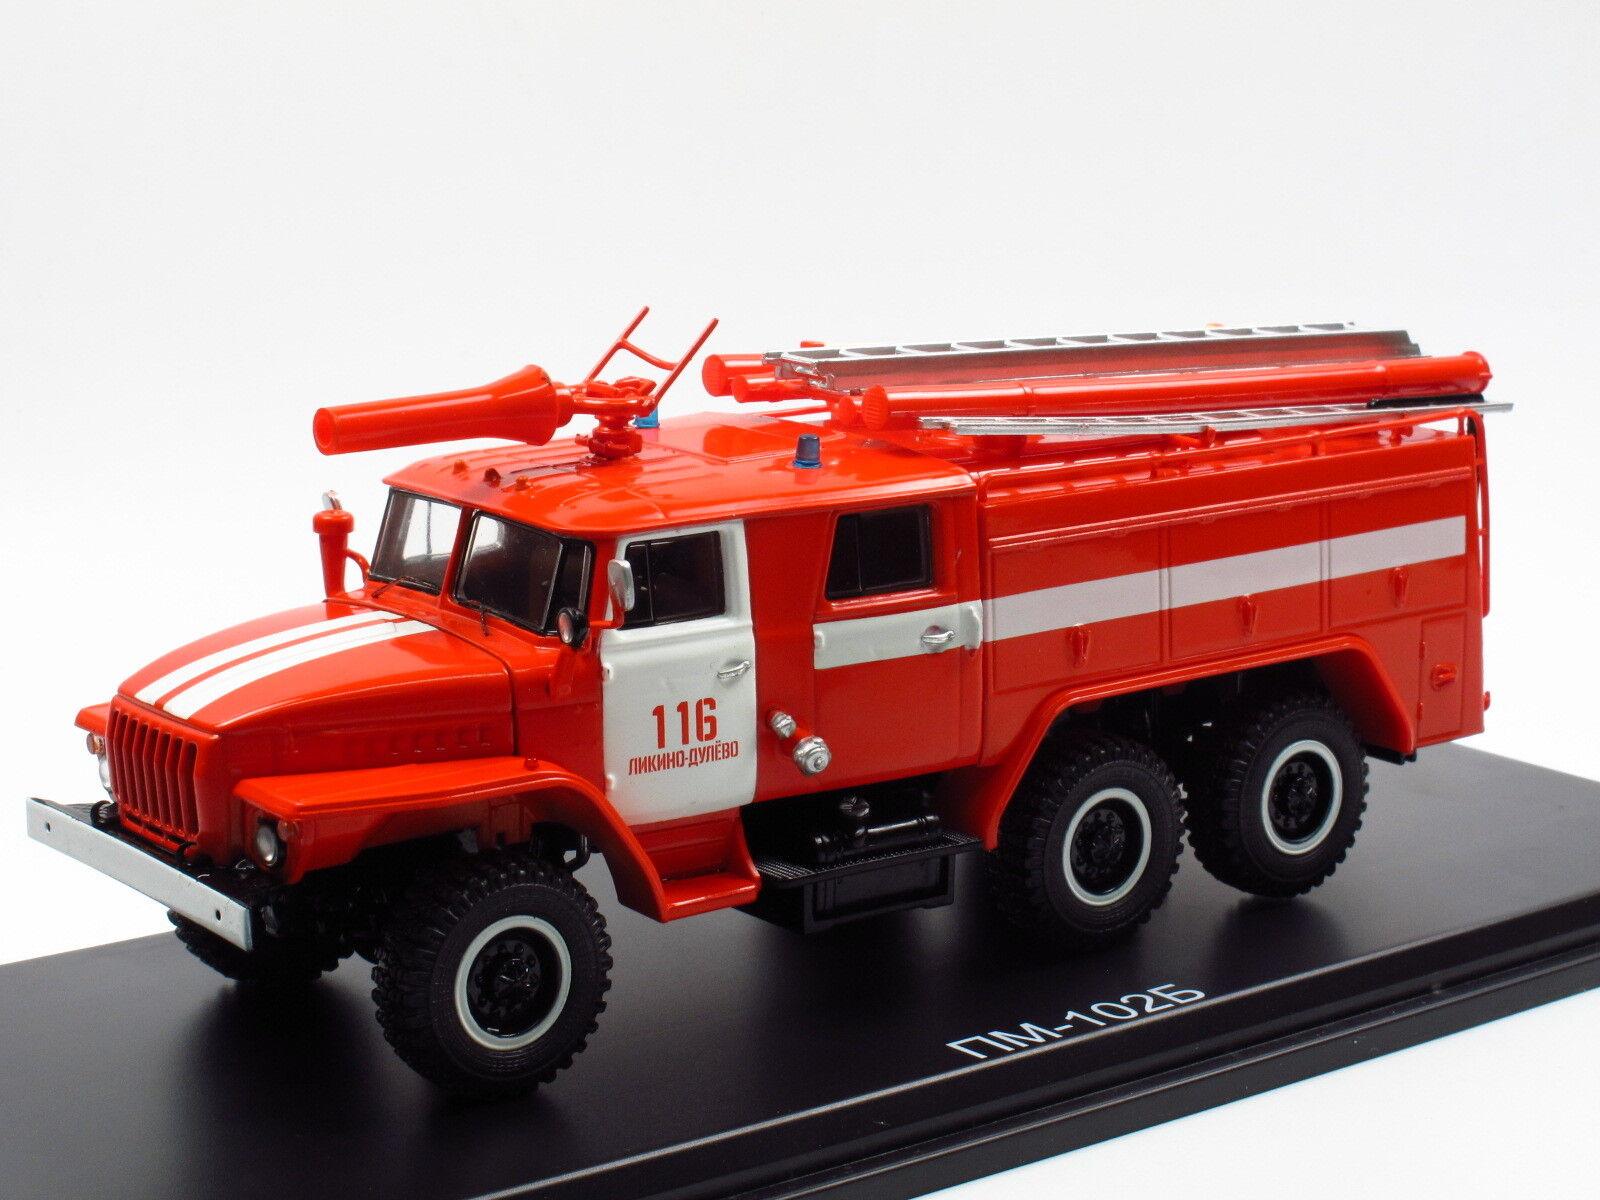 Start Scale Models SSM1234, URAL 43202 M PM-102B PM-102B PM-102B  TLF Feuerwehr Fire Tender 1 43 95b532